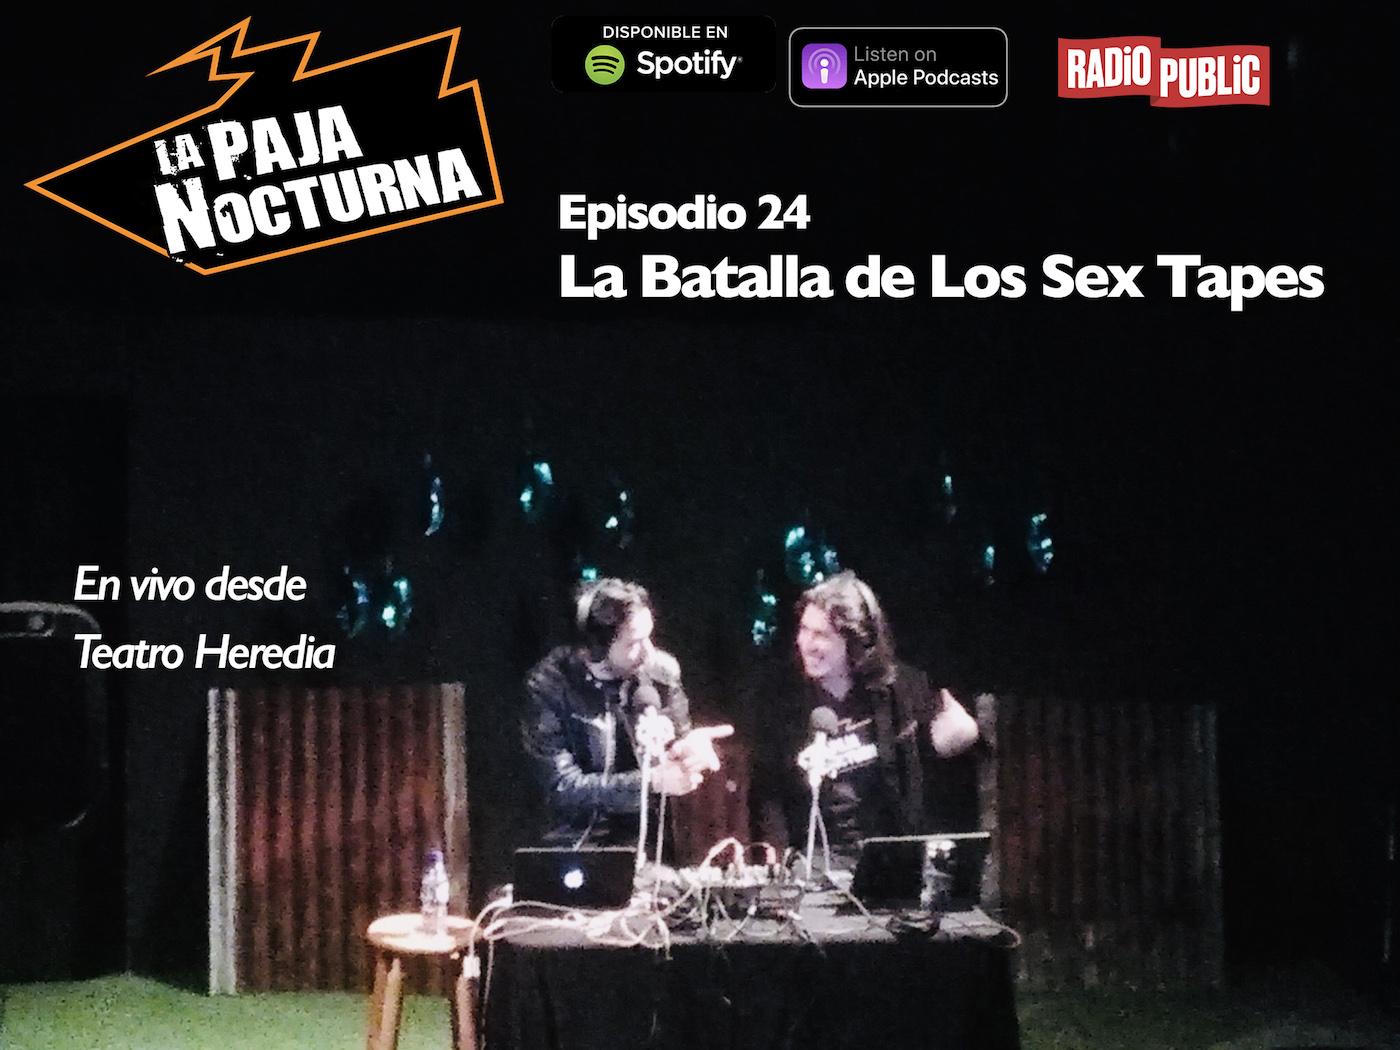 La Paja Nocturna Podcast Episodio 24